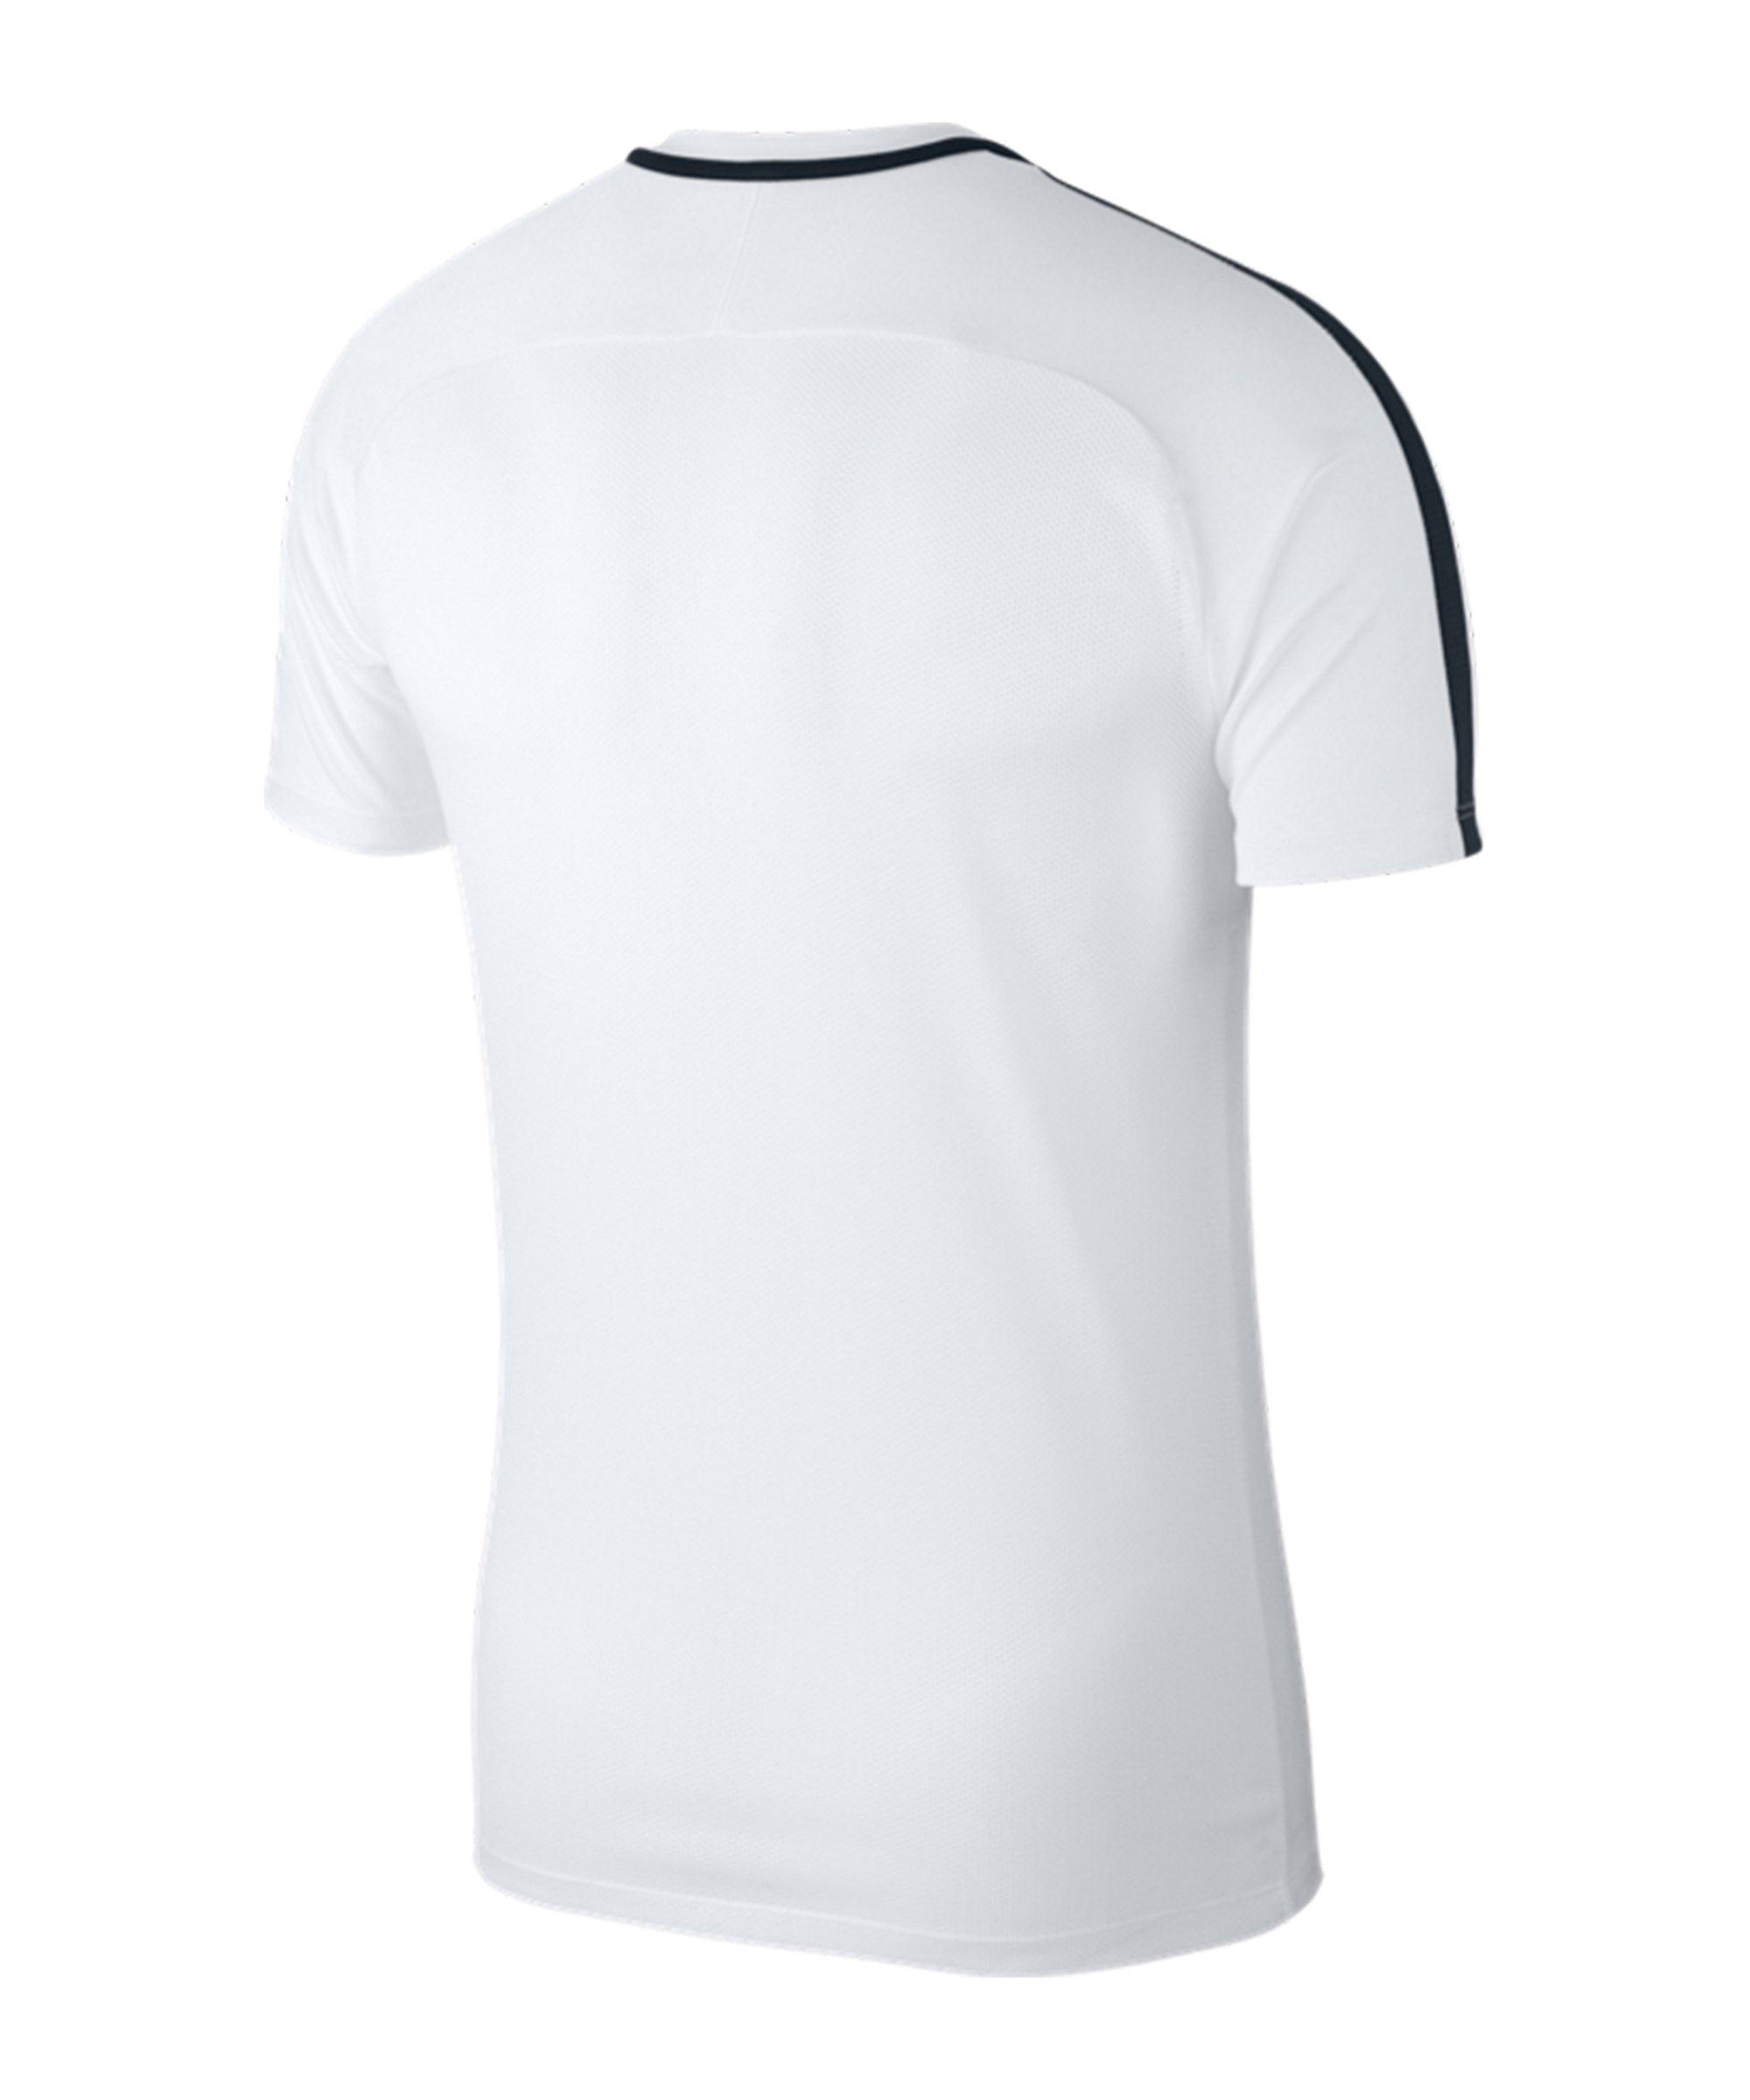 a13fe28185dd79 ... Nike Academy 18 Football Top T-Shirt Weiss F100 - weiss ...